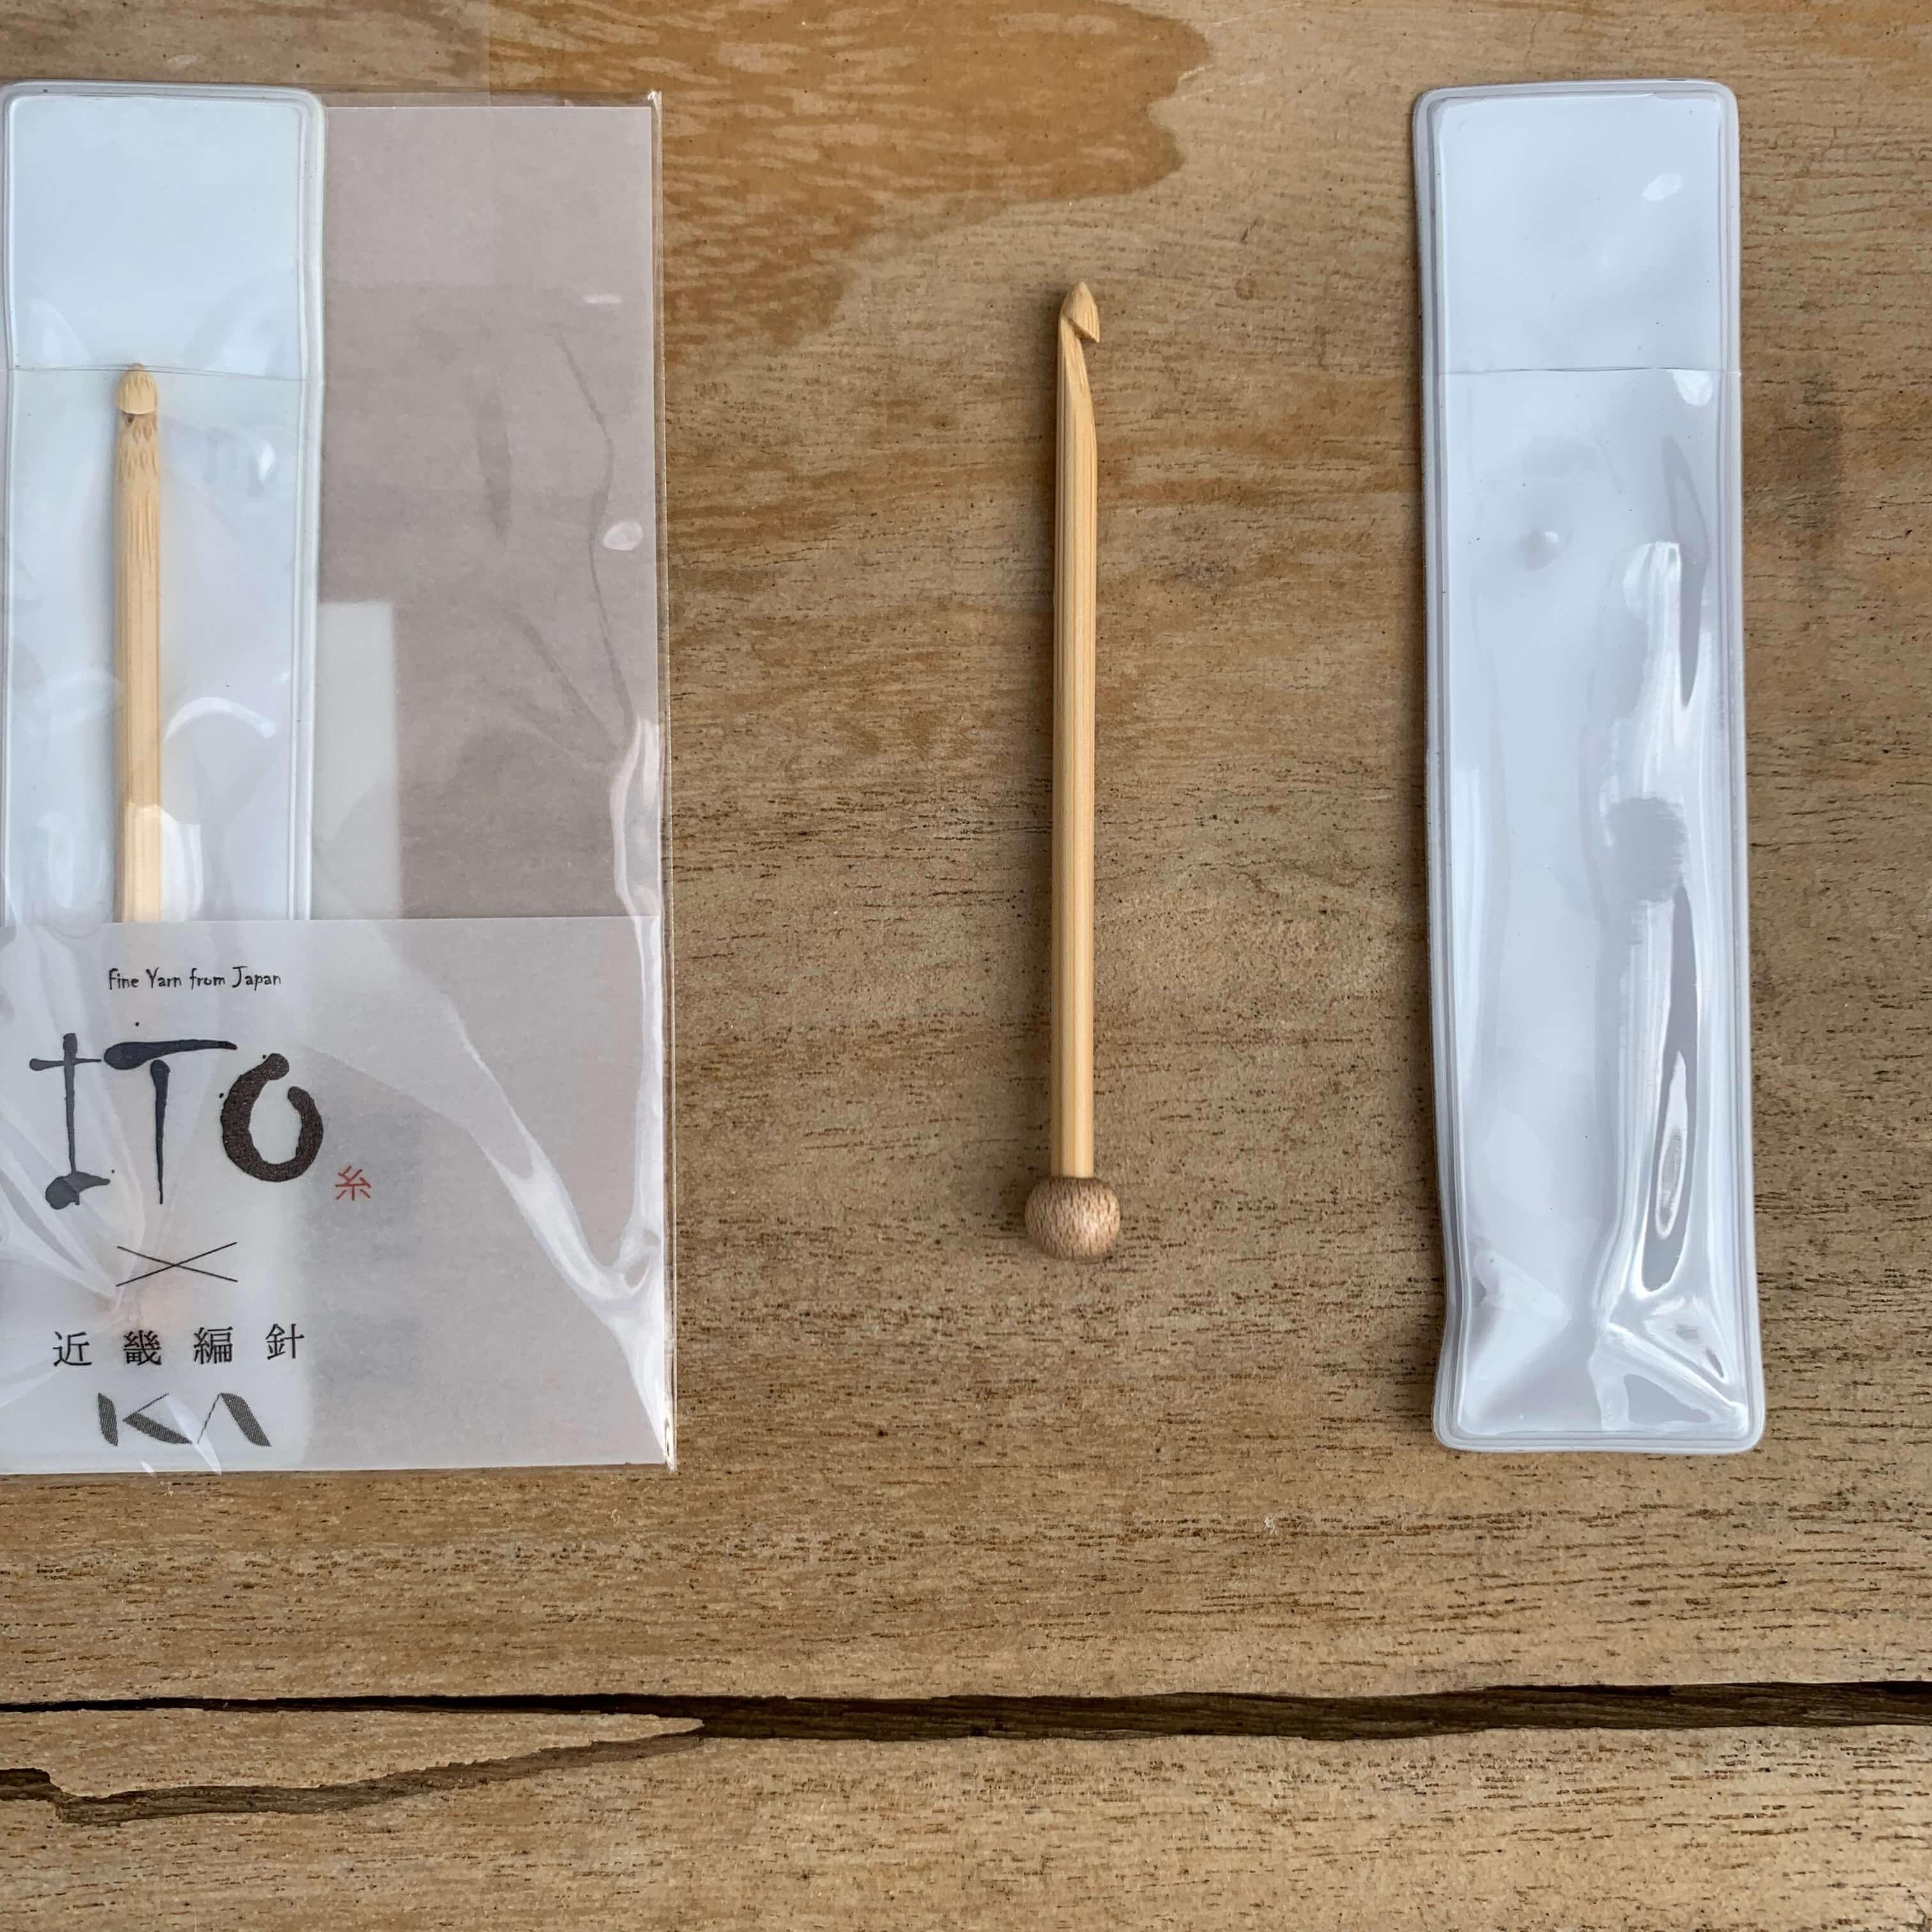 Ito Bamboo Needle | Agulha Auxiliar em Bambu